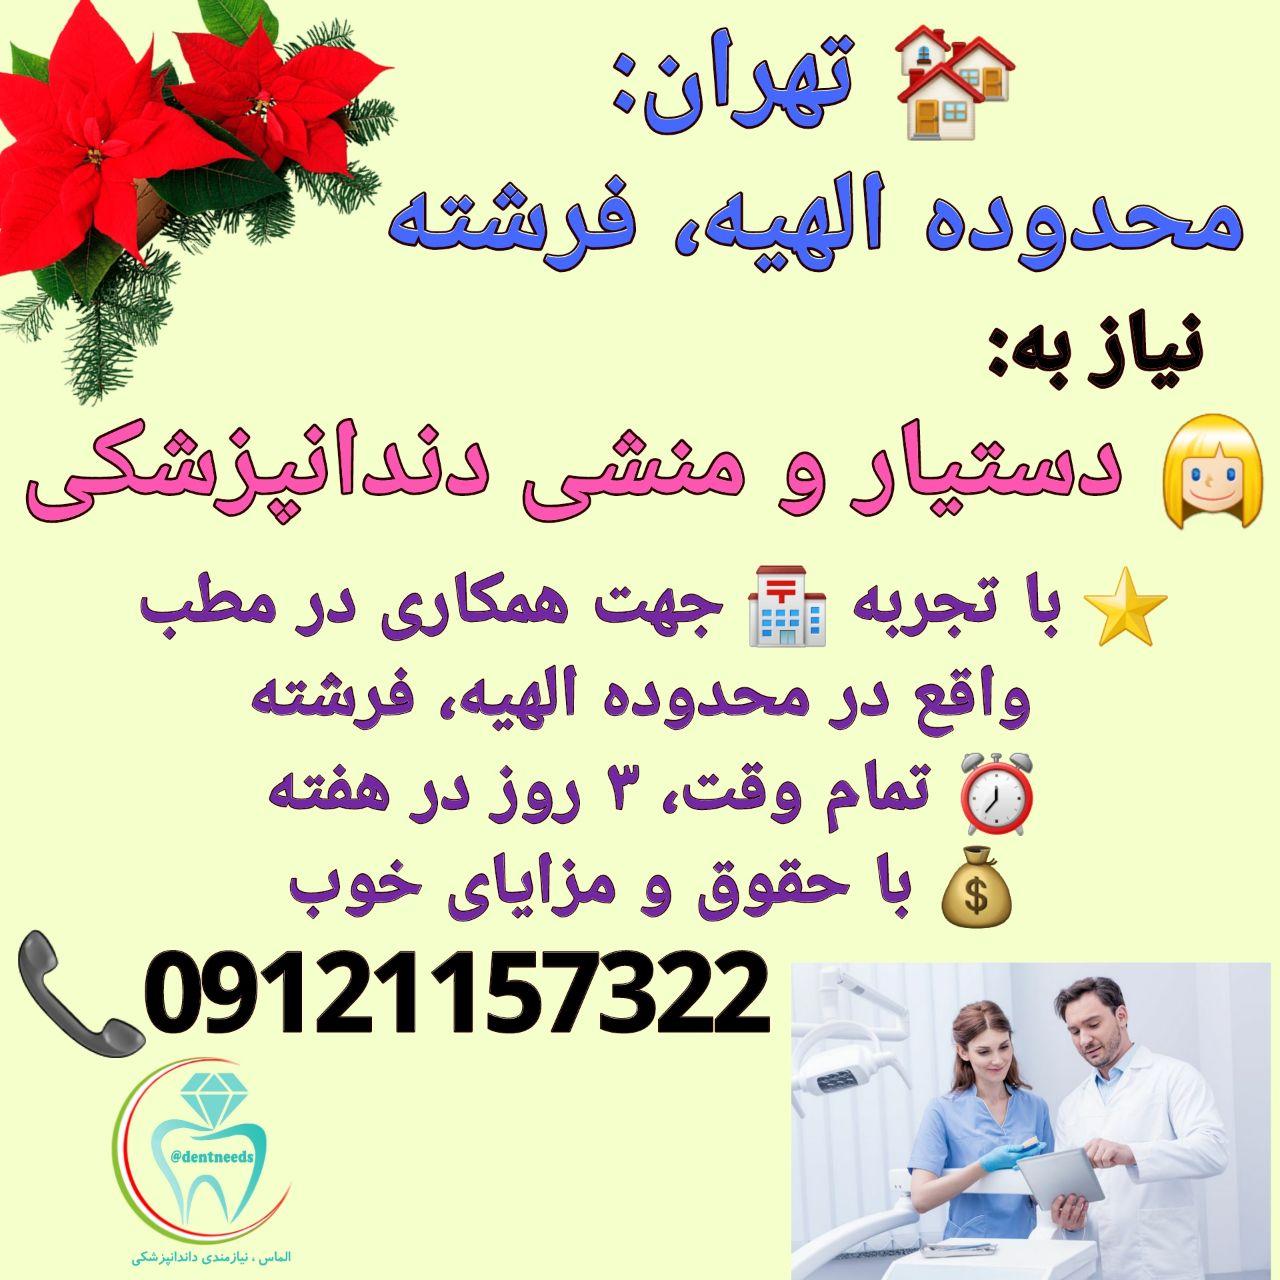 تهران: محدوده الهیه، فرشته، نیاز به دستیار و منشی دندانپزشکی